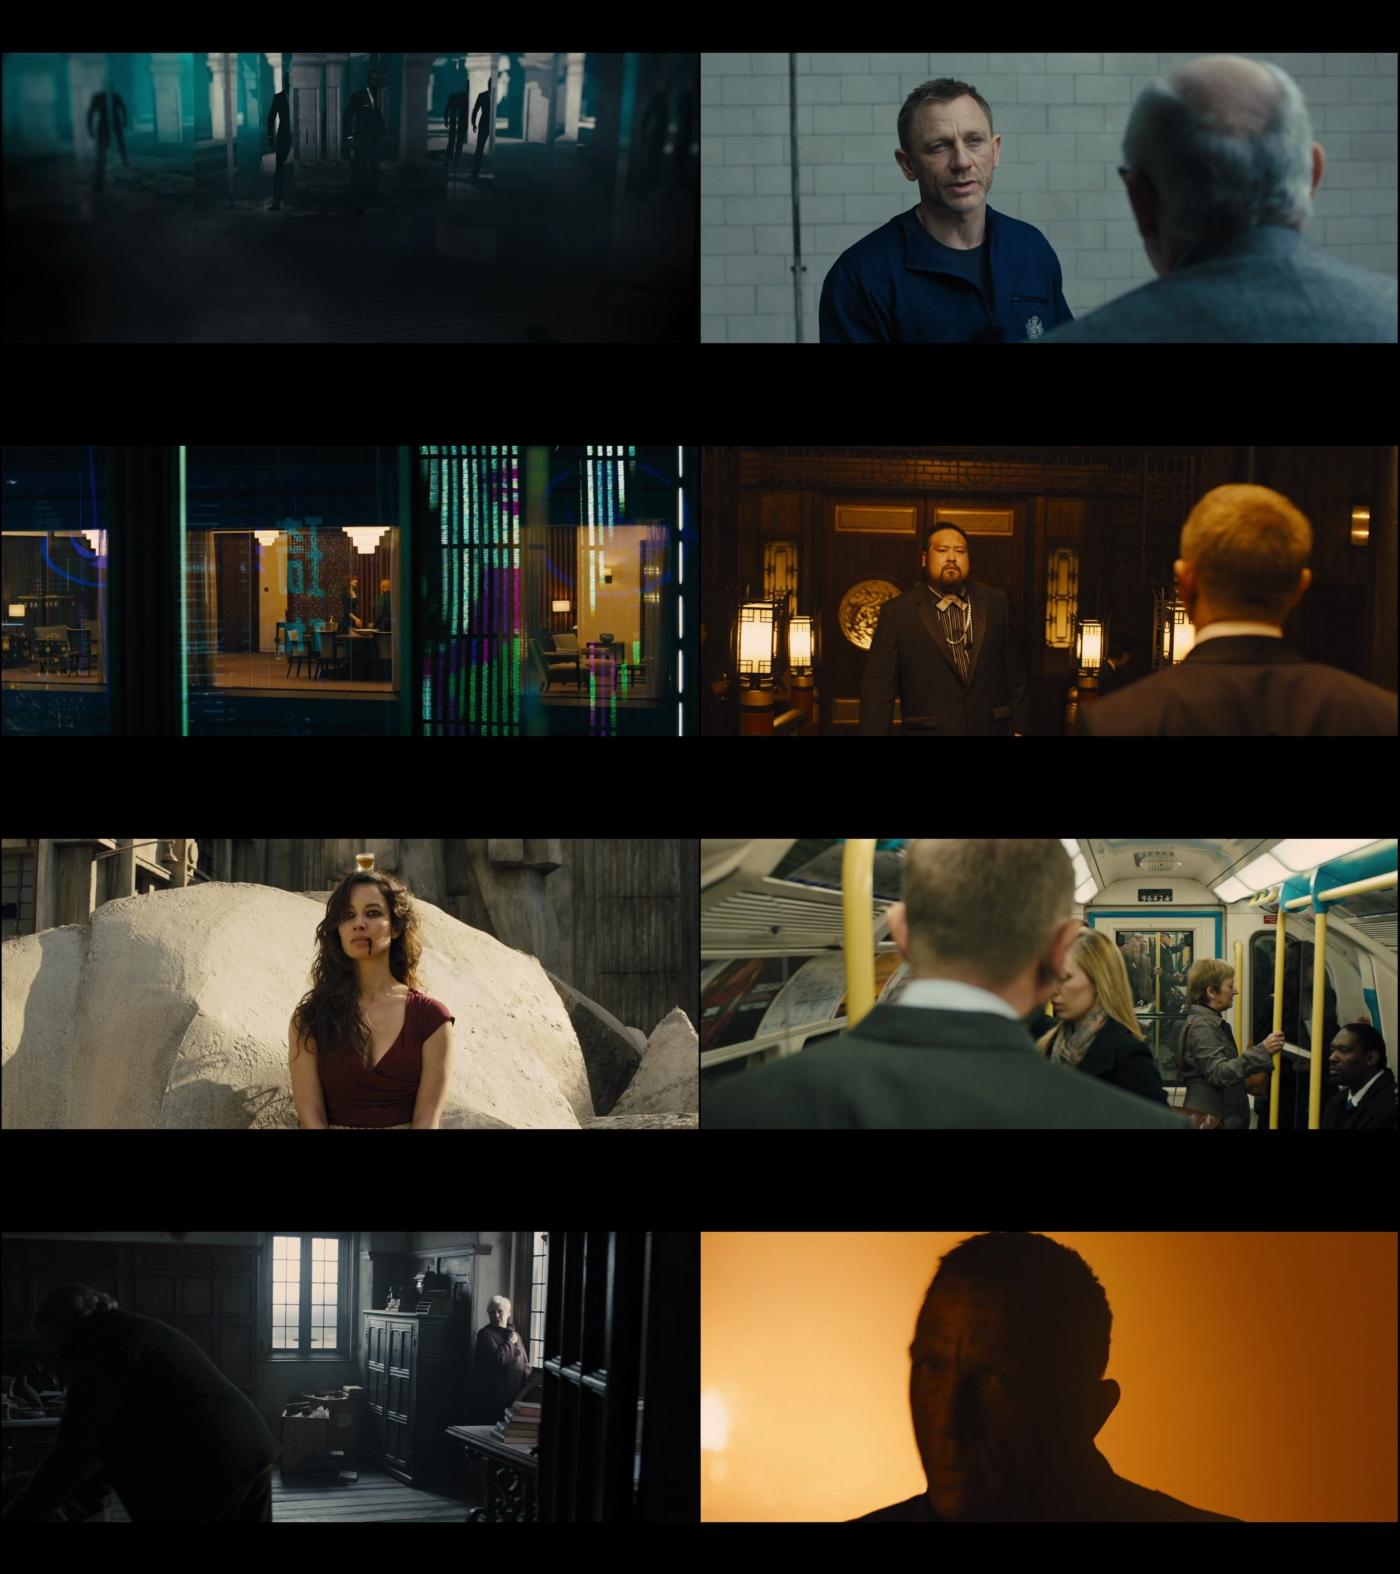 007 Operacion SkyFall 1080p Latino